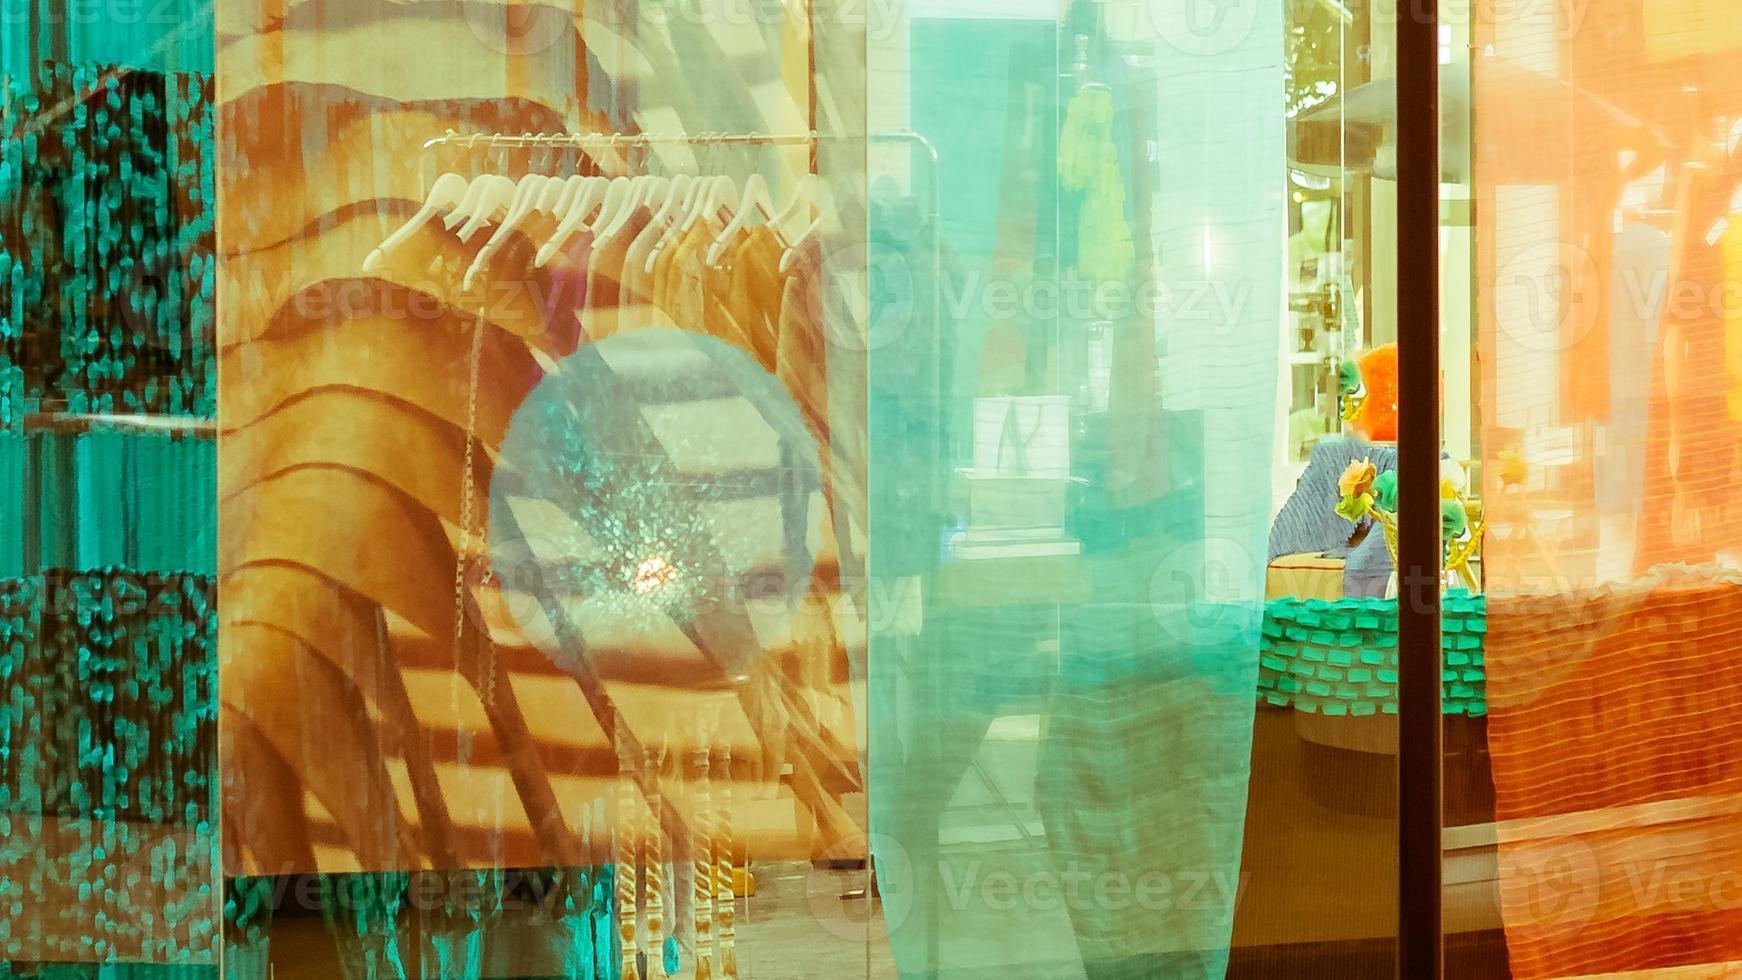 Doppelbelichtung, Spiegelreflexion des Bekleidungsgeschäfts foto